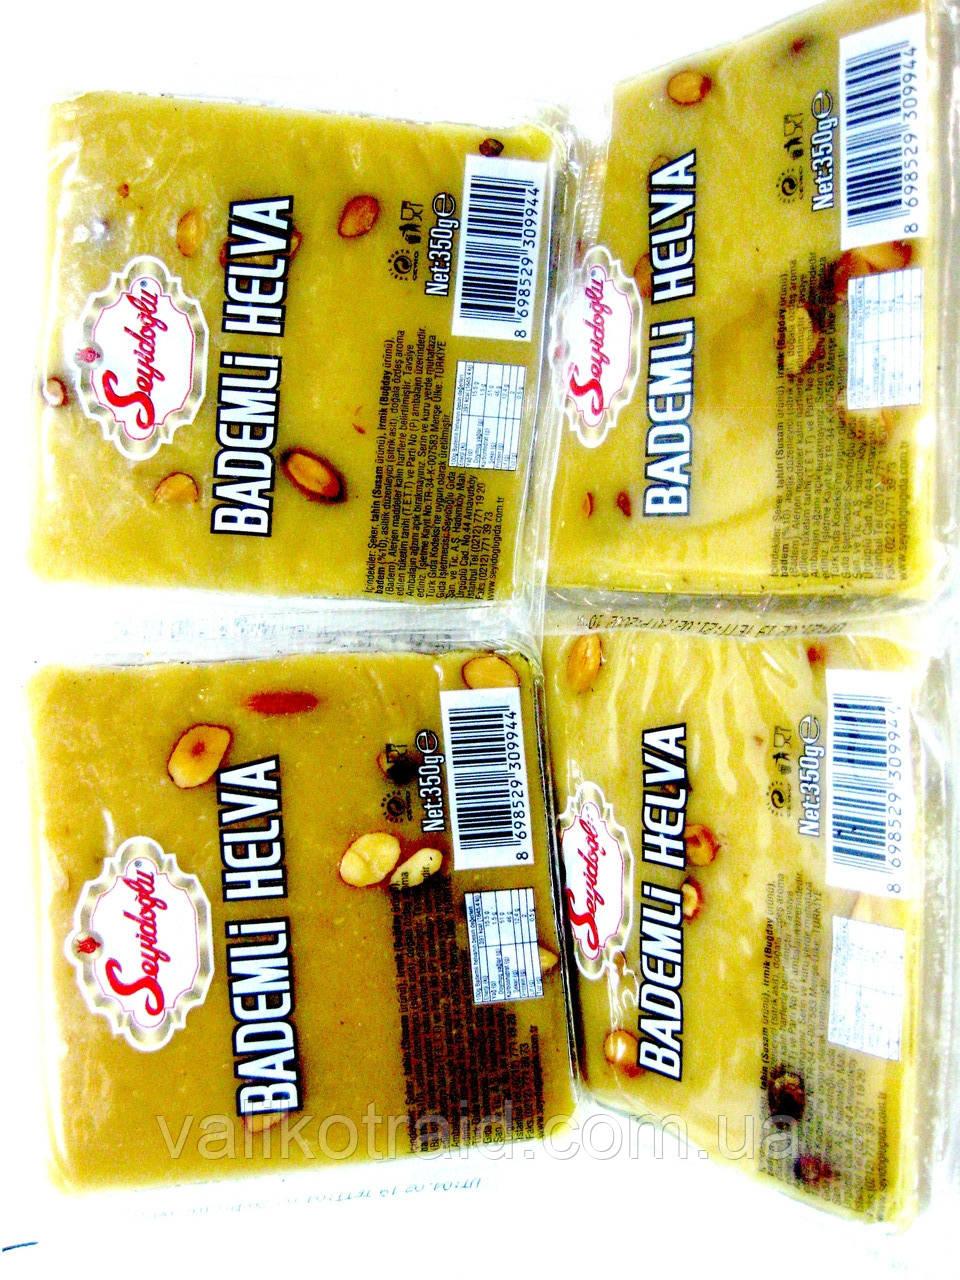 МИГДАЛЬНИЙ МАРЦИПАН 350г BADEMLI, халва з цільним горіхом мигдалю , турецькі солодощі